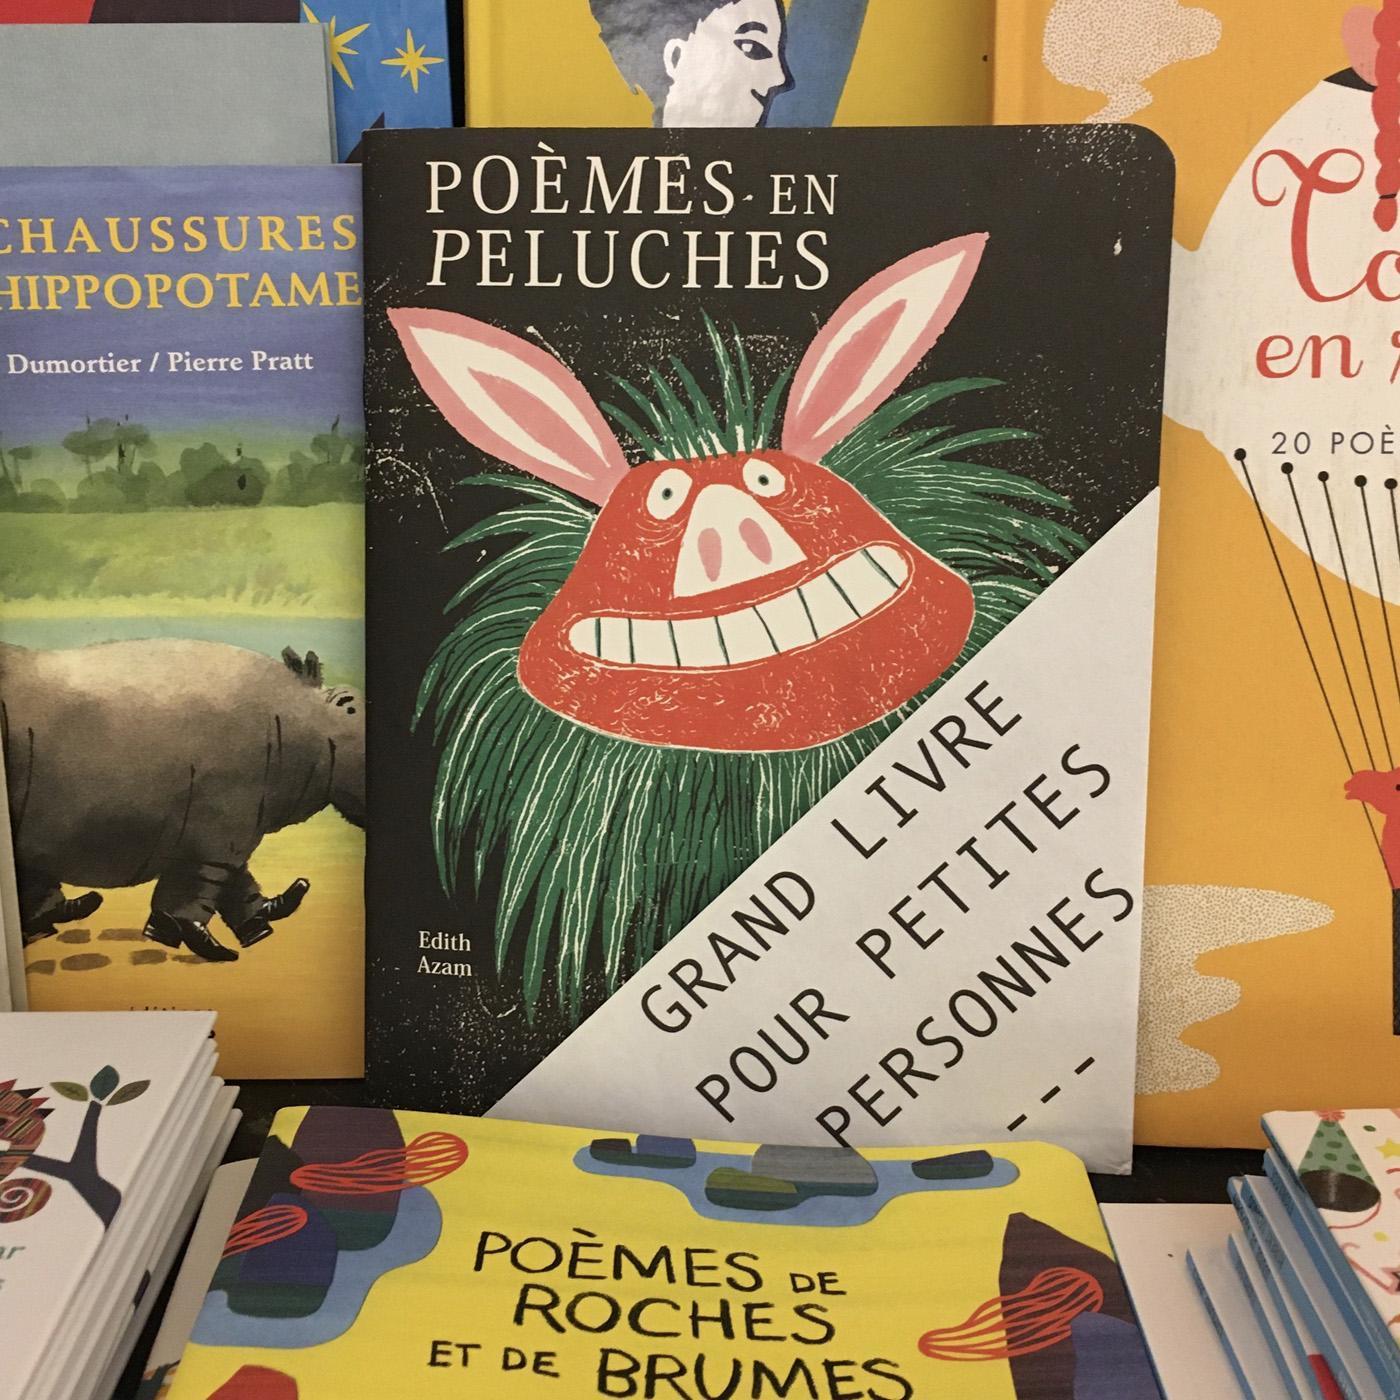 Grands livres pour petites personnes #32 - Poèmes en peluches